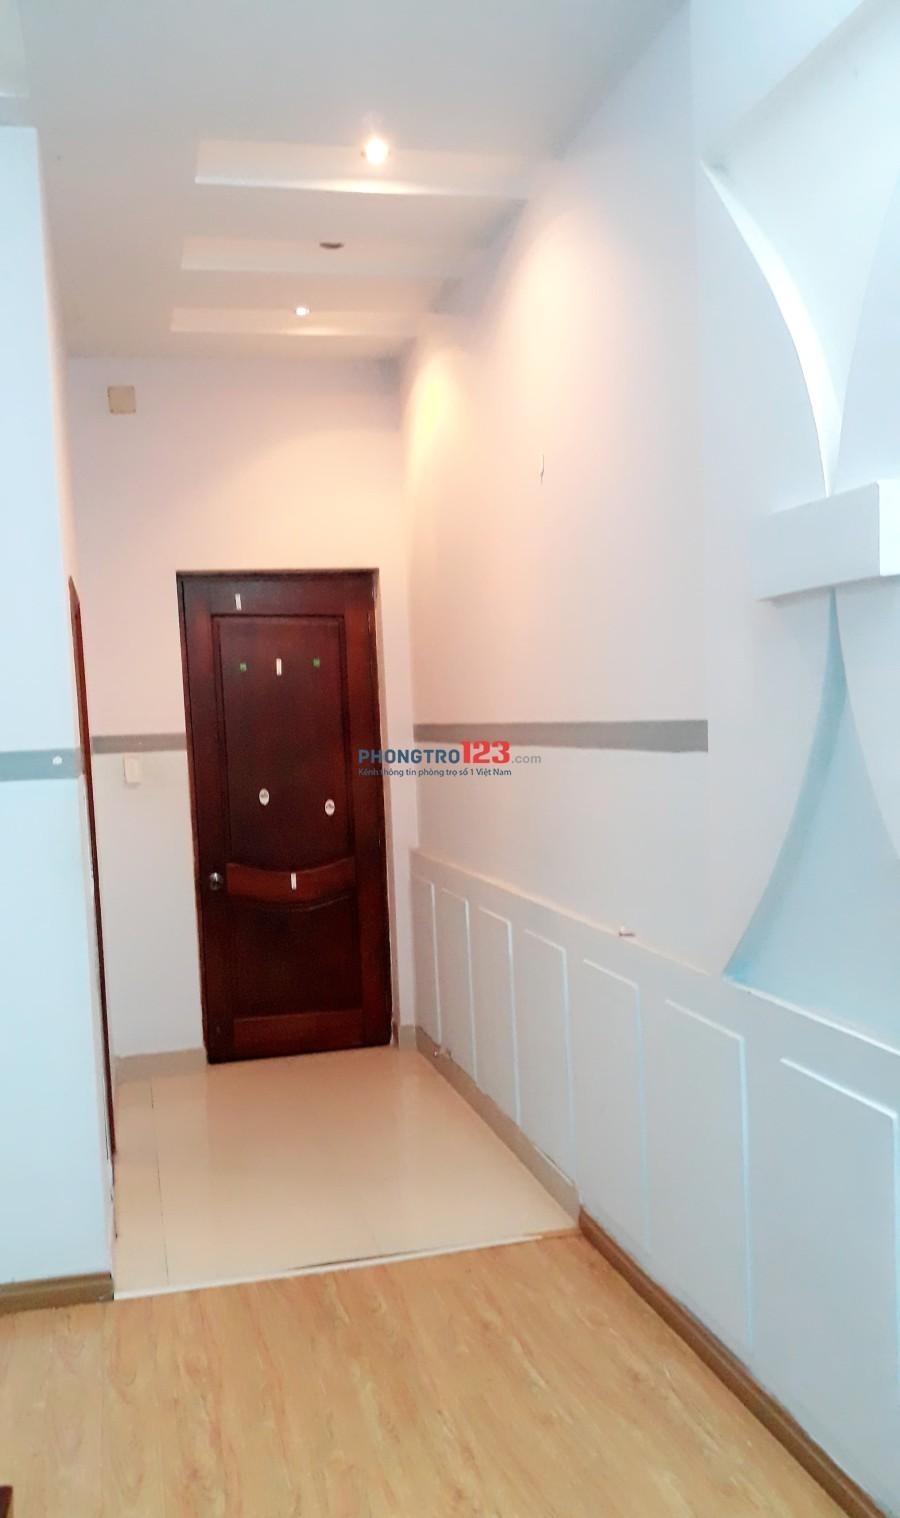 Còn 2 phòng trọ cao cấp tại Gò Vấp đẹp chuẩn khách sạn, nội thất máy lạnh, 28m2, giờ giấc tự do